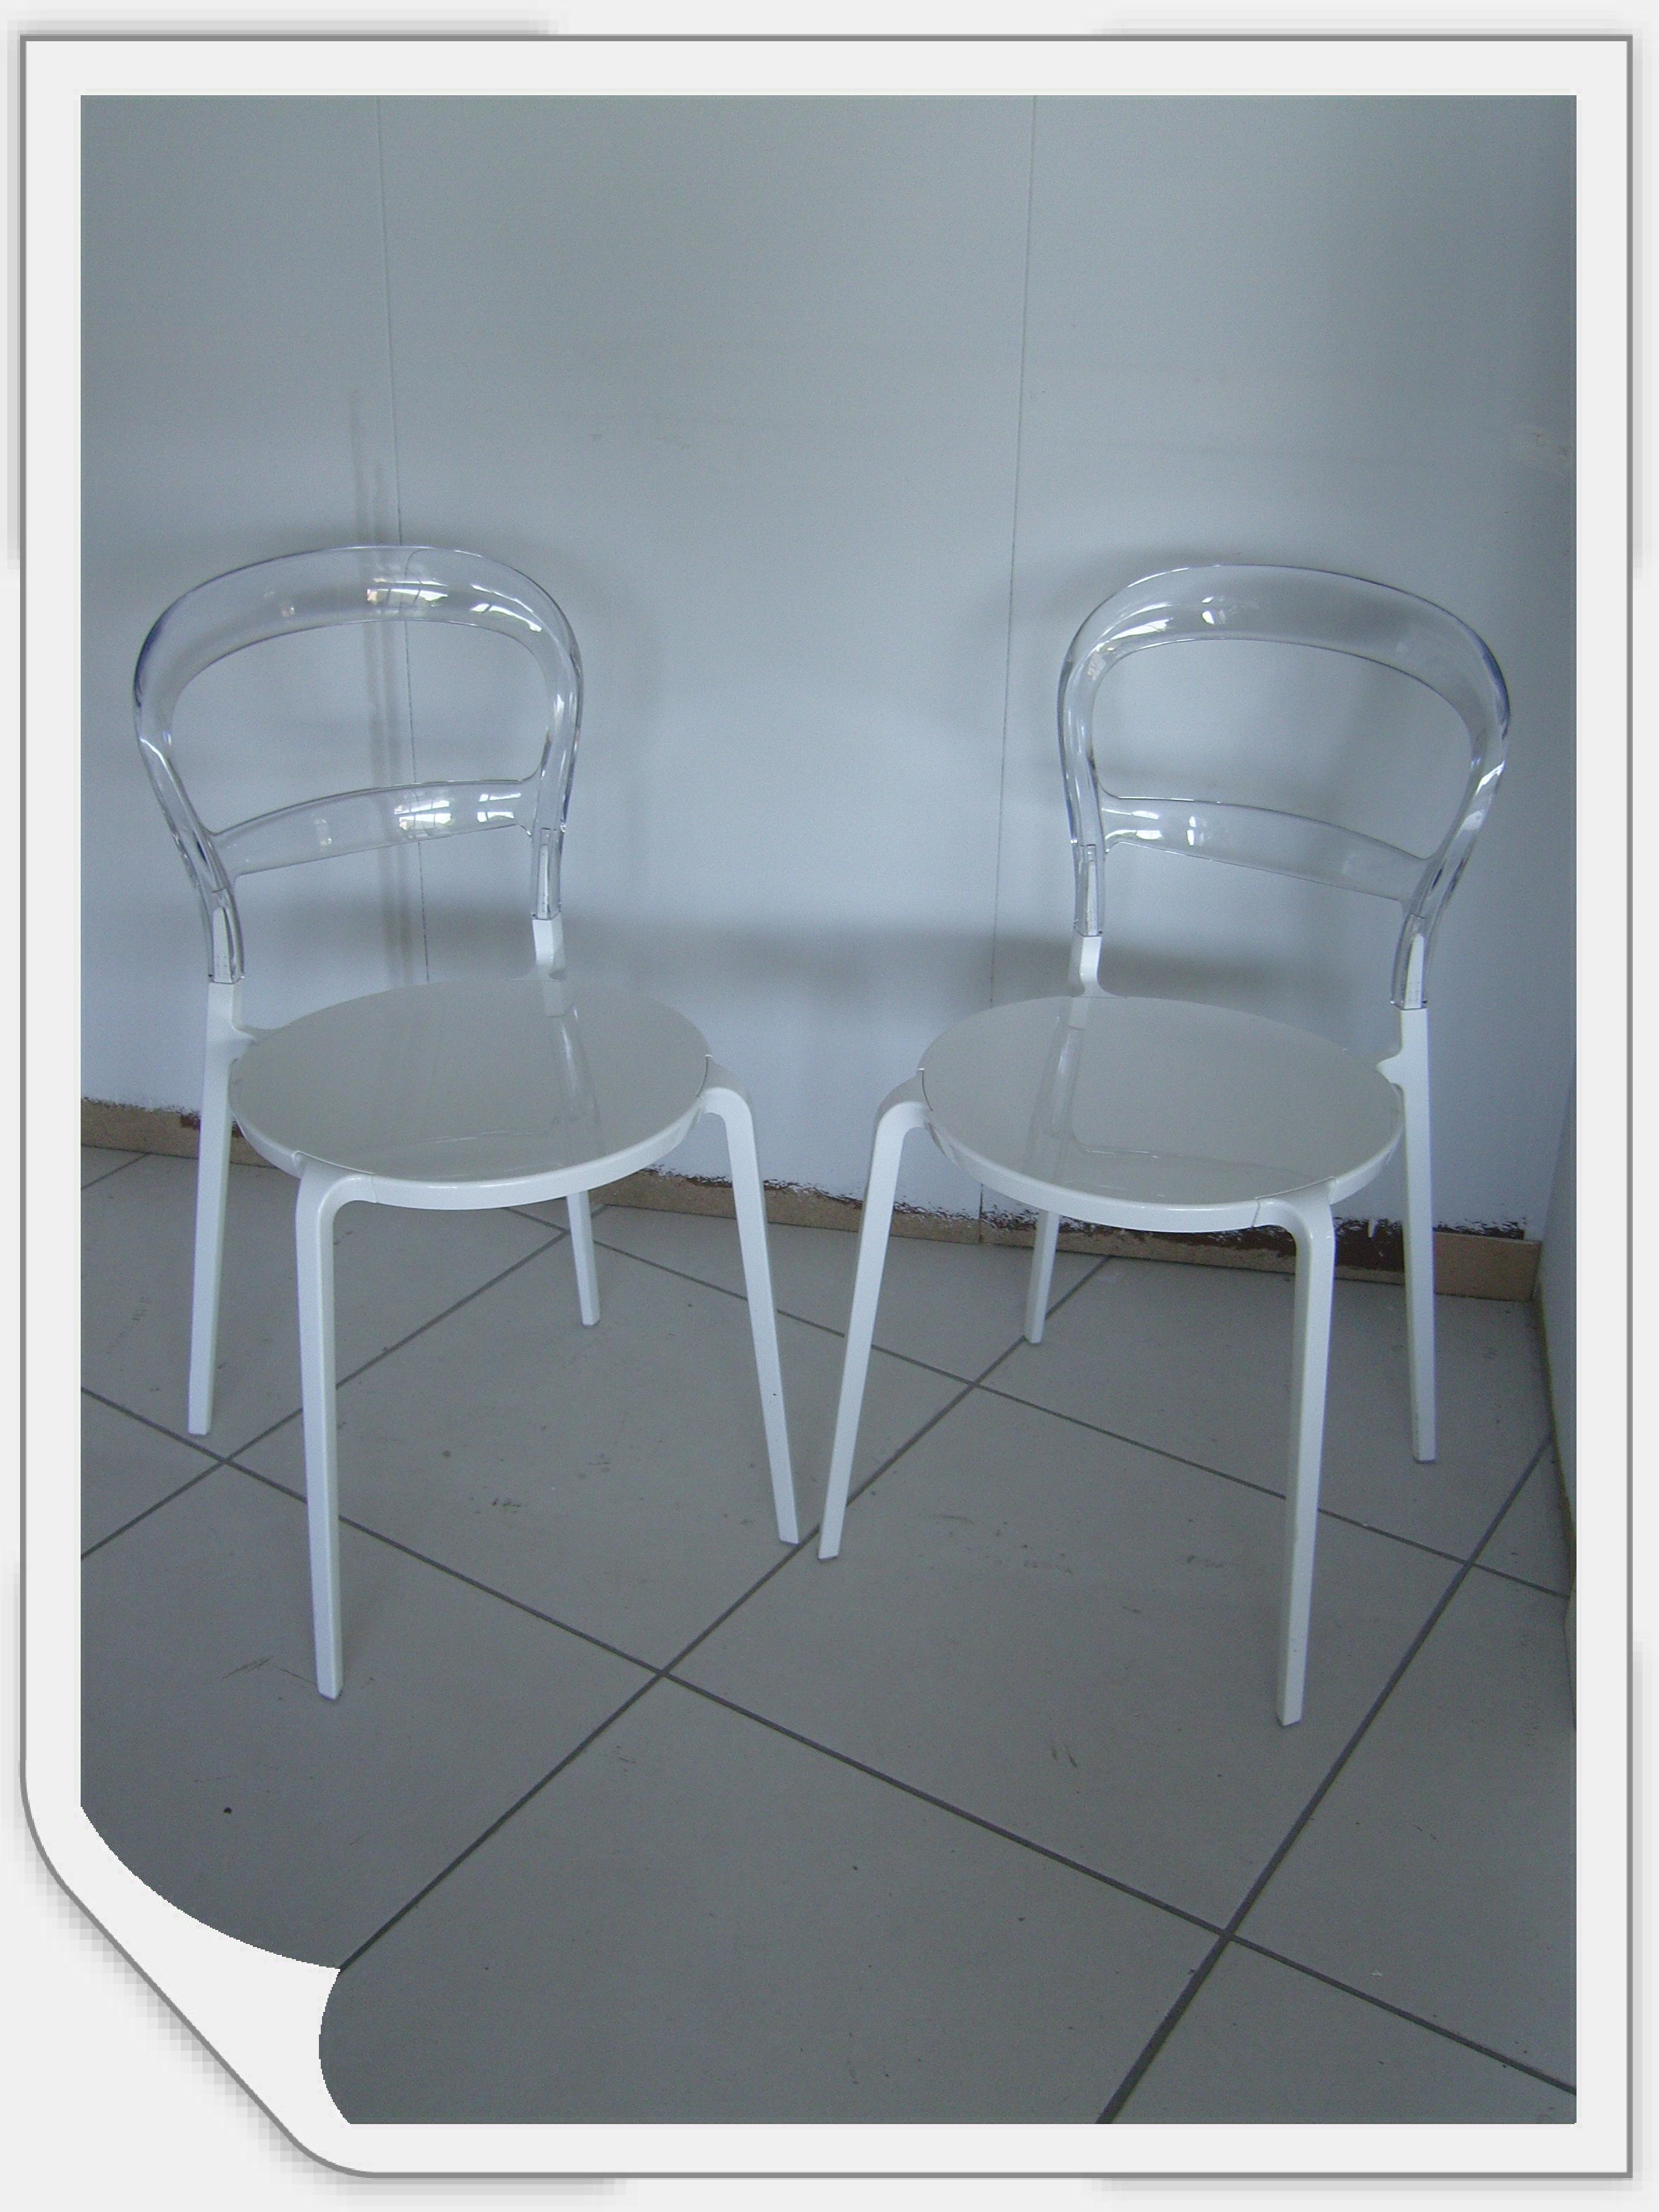 Calligaris sedia wien sedie scontato del 61 sedie a for Sedie calligaris wien offerte